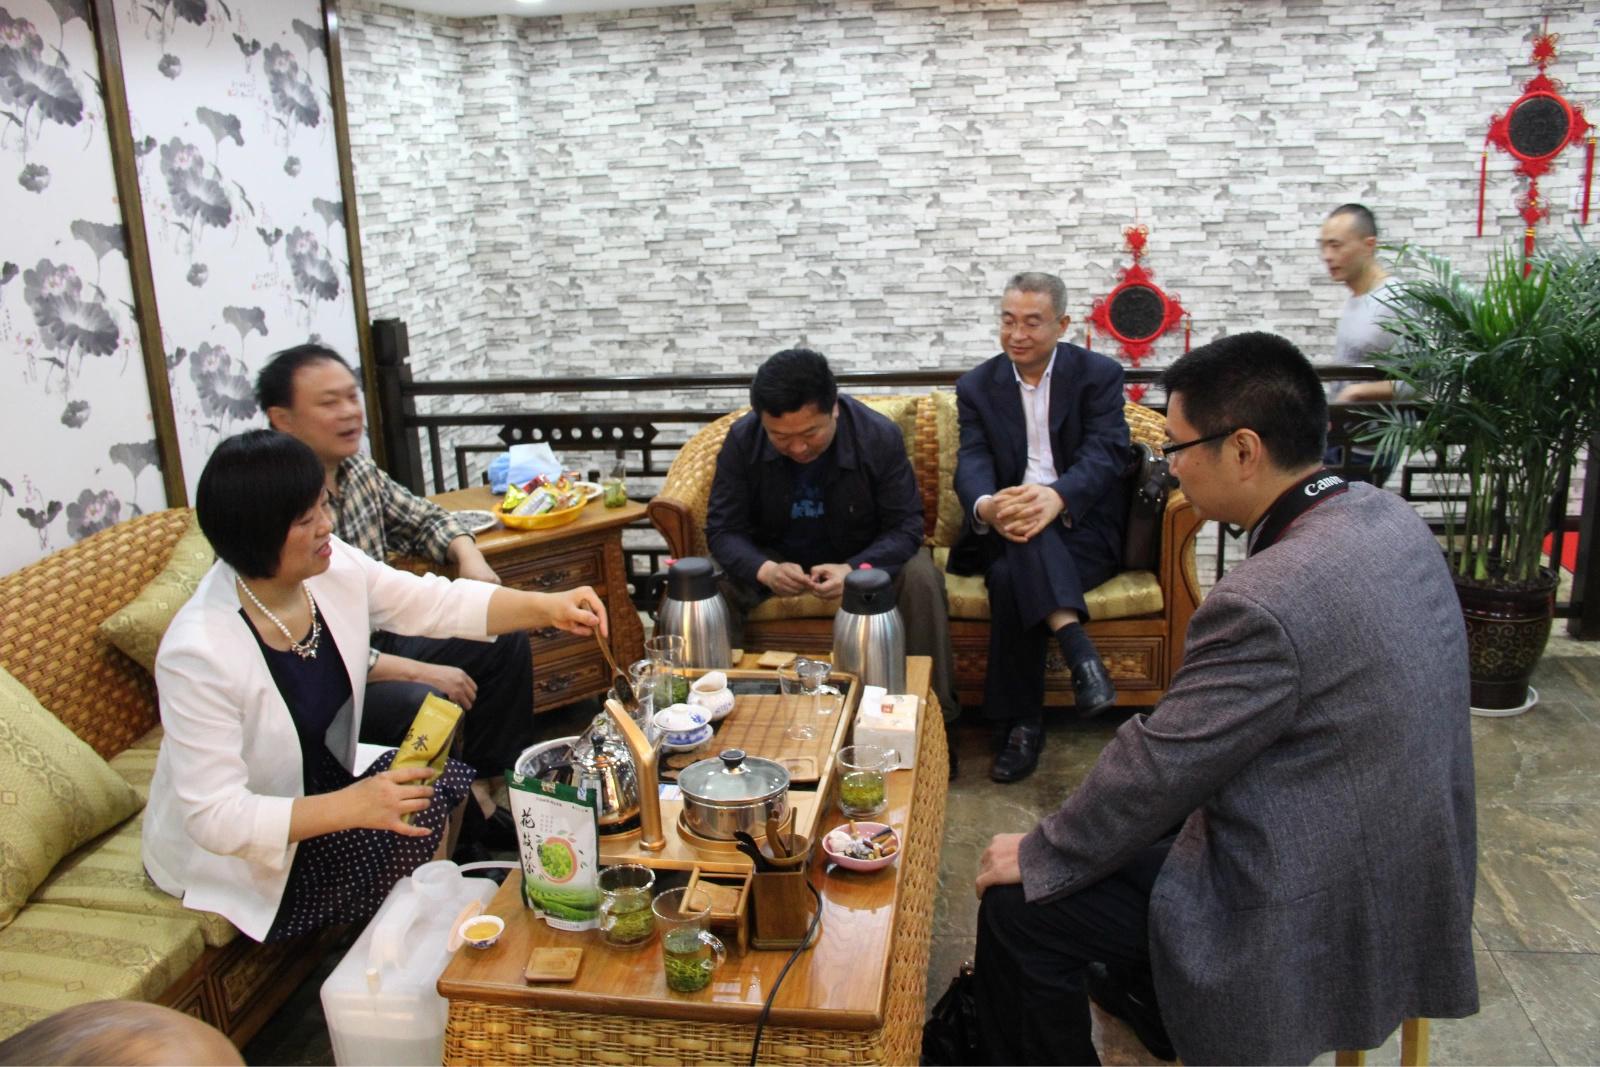 5.26恩施硒都茶城开城暨花枝茶体验馆开业志庆